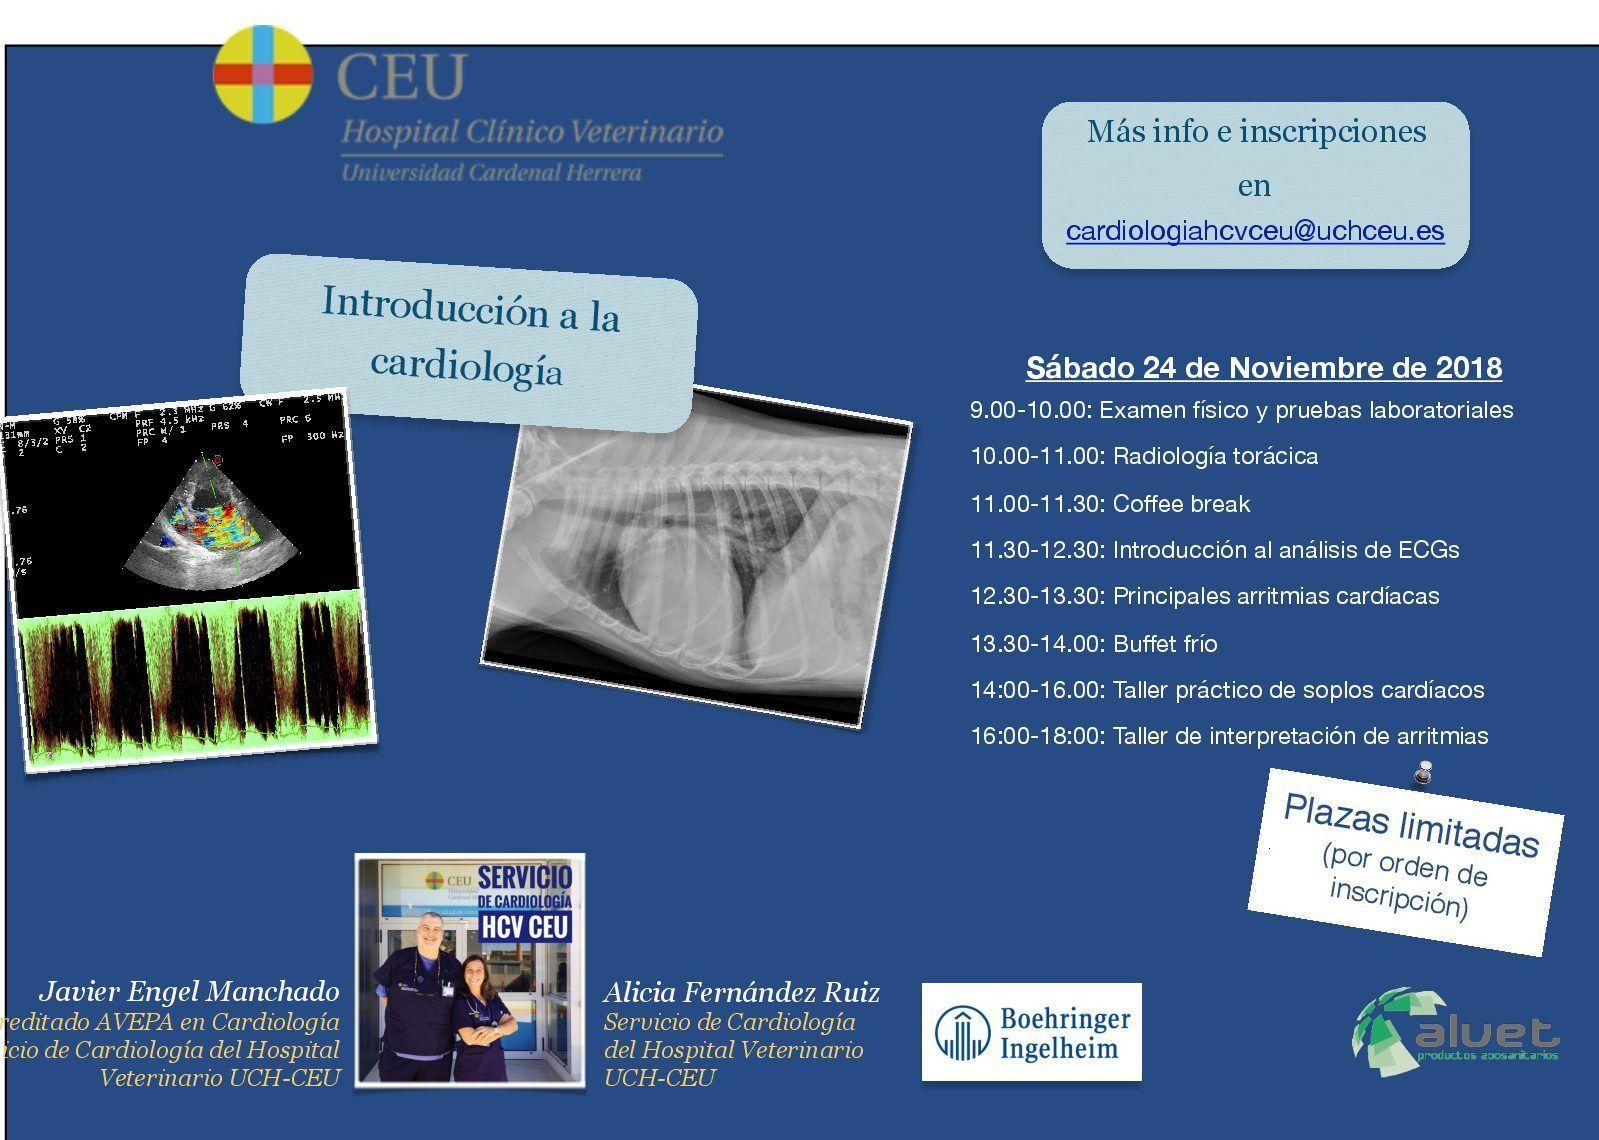 Curso introducción a la cardiología